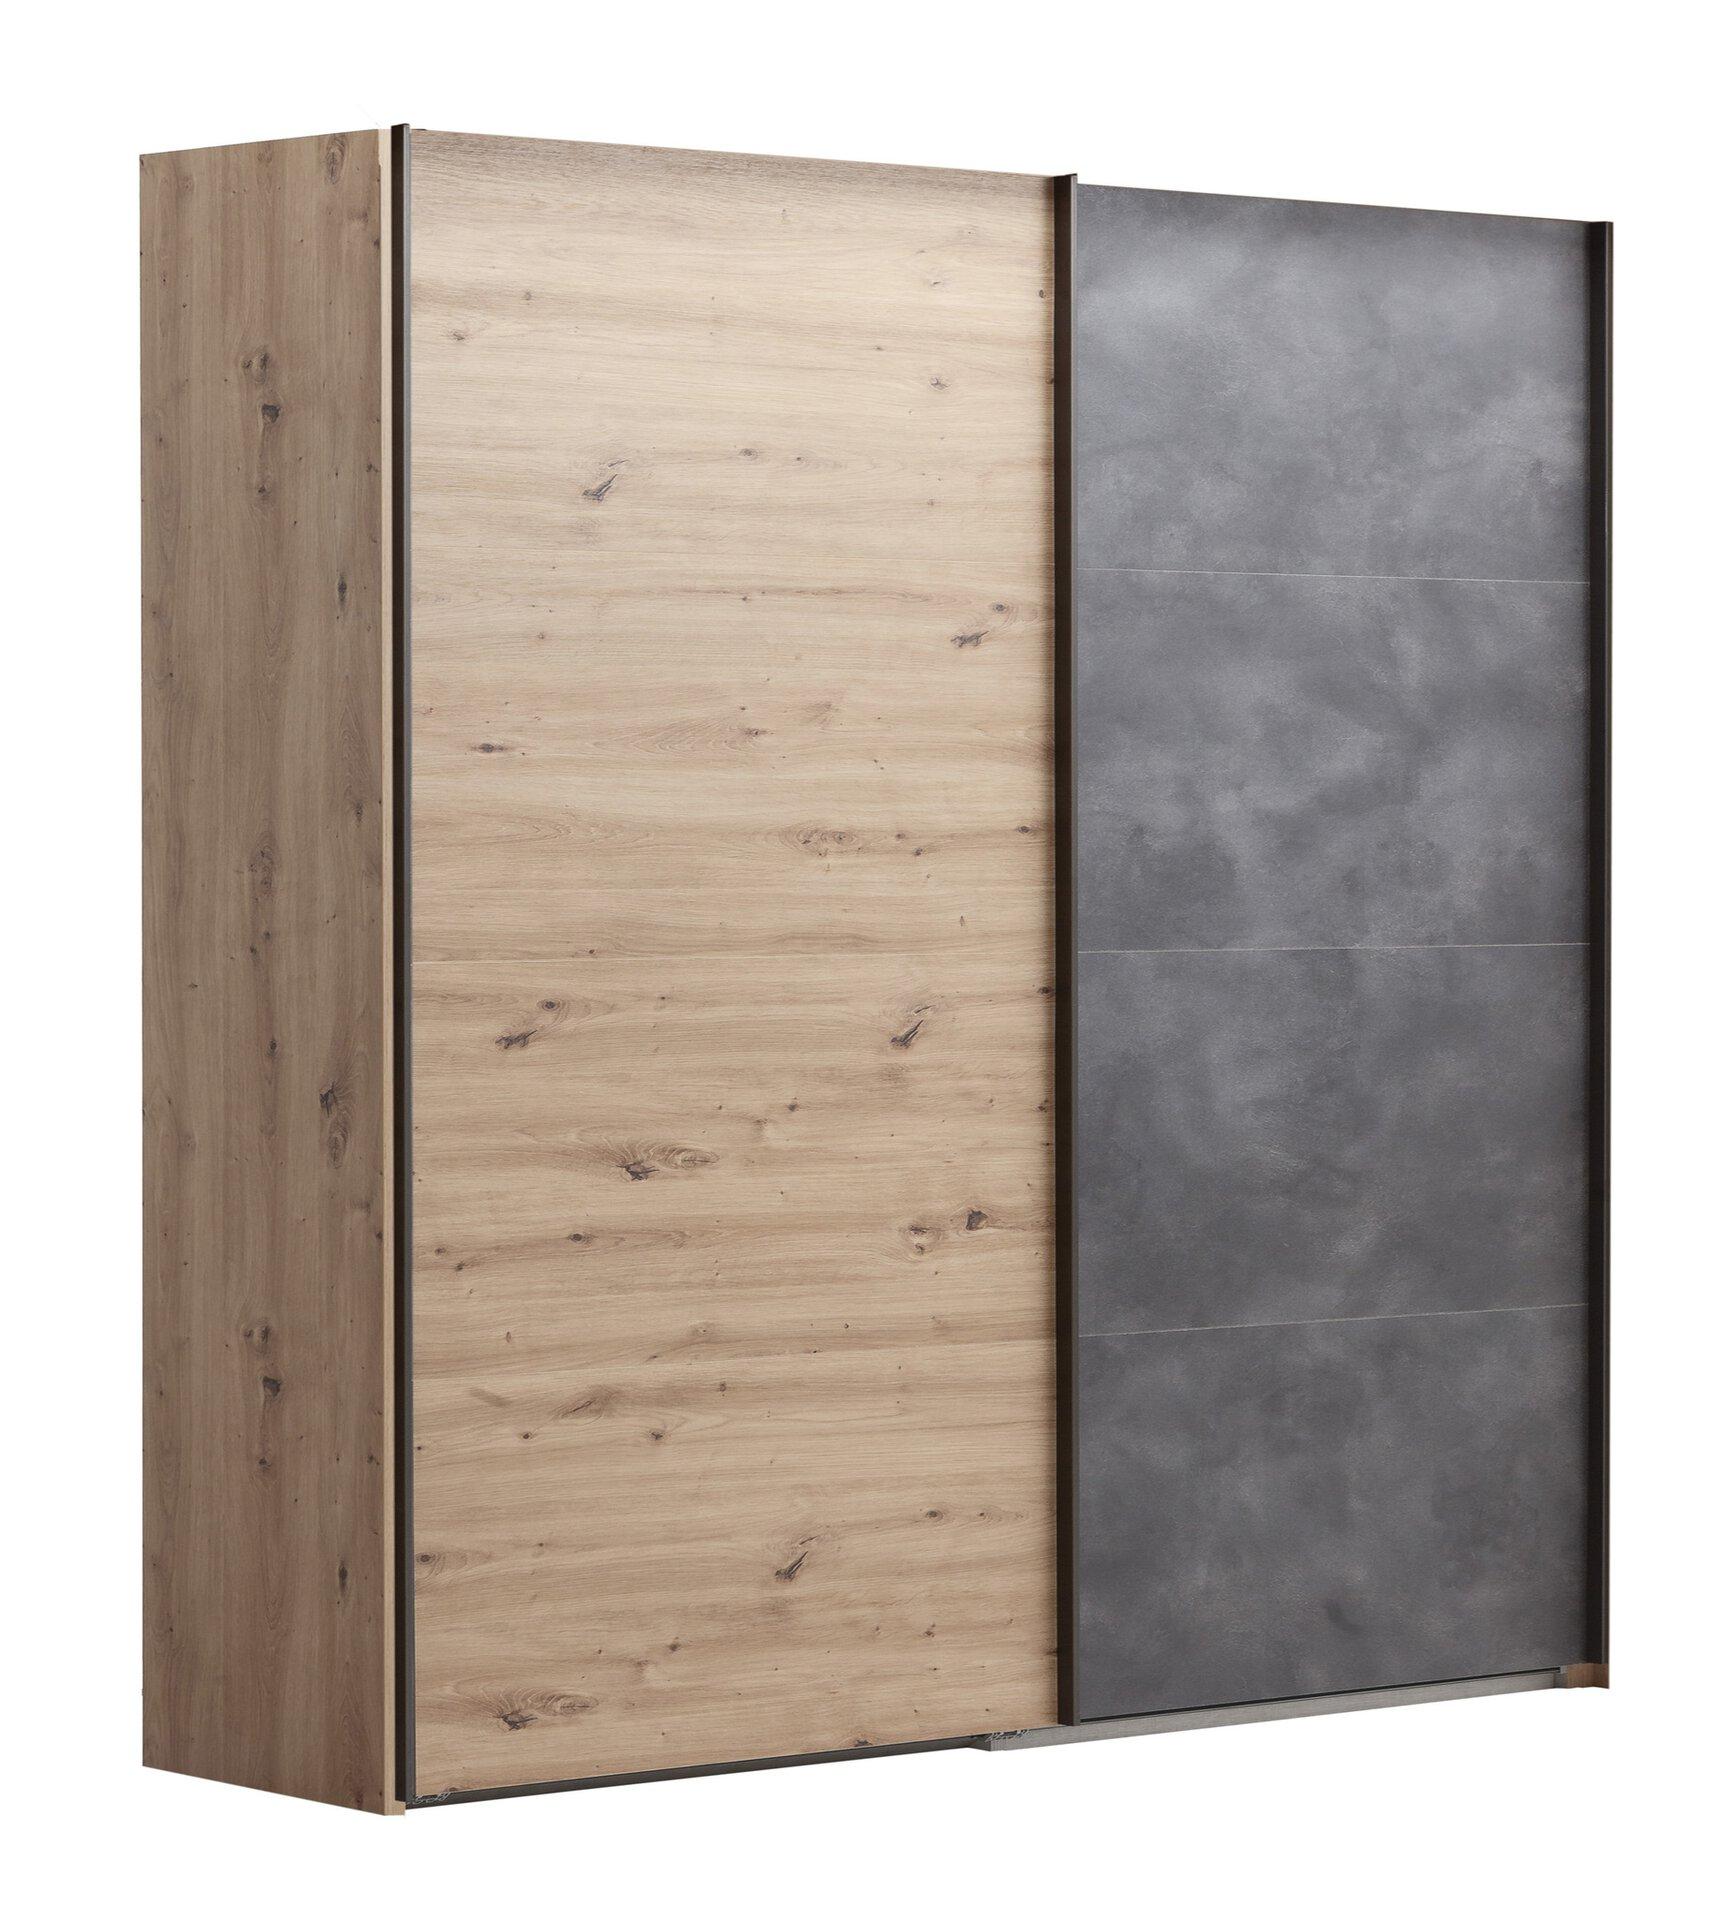 Schwebetürenschrank LAFABRICA Dreamoro Holzwerkstoff braun 61 x 220 x 250 cm